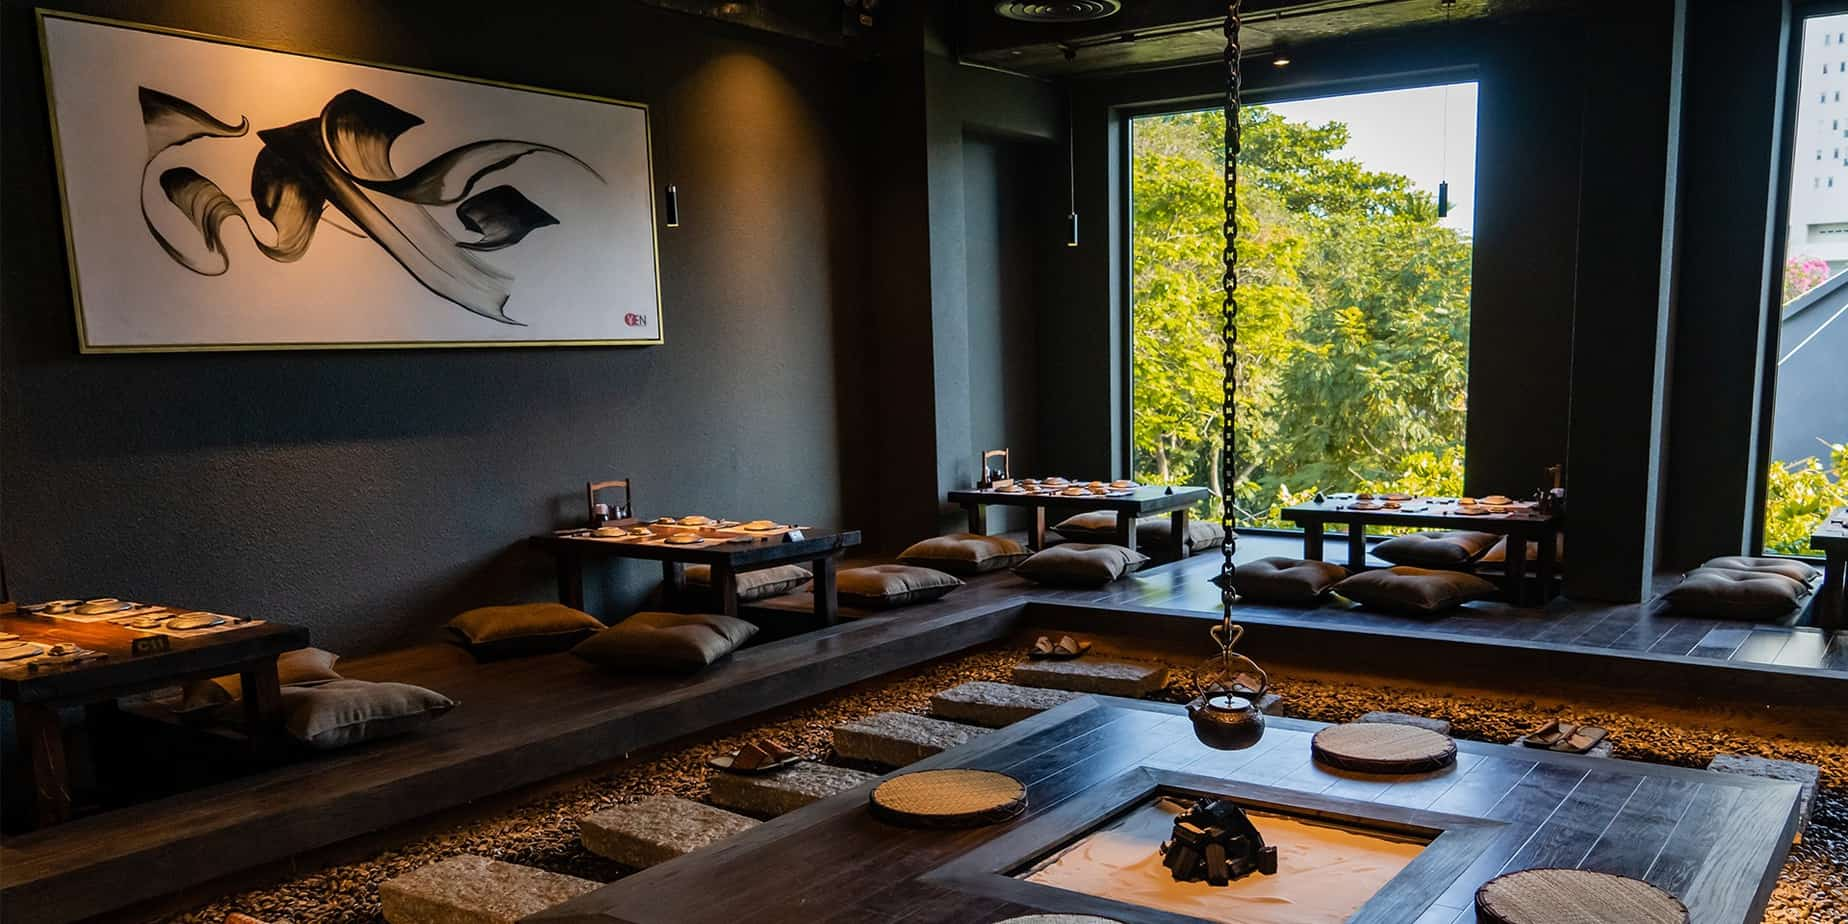 Top 6 Nhà Hàng Sushi Ngon Nhất Tại Quận 1 TPHCM - nhà hàng shushi ngon nhất tại quận 1 - Haha Sushi | Nhà hàng Lá Phong | Okome Sushi Bar 35